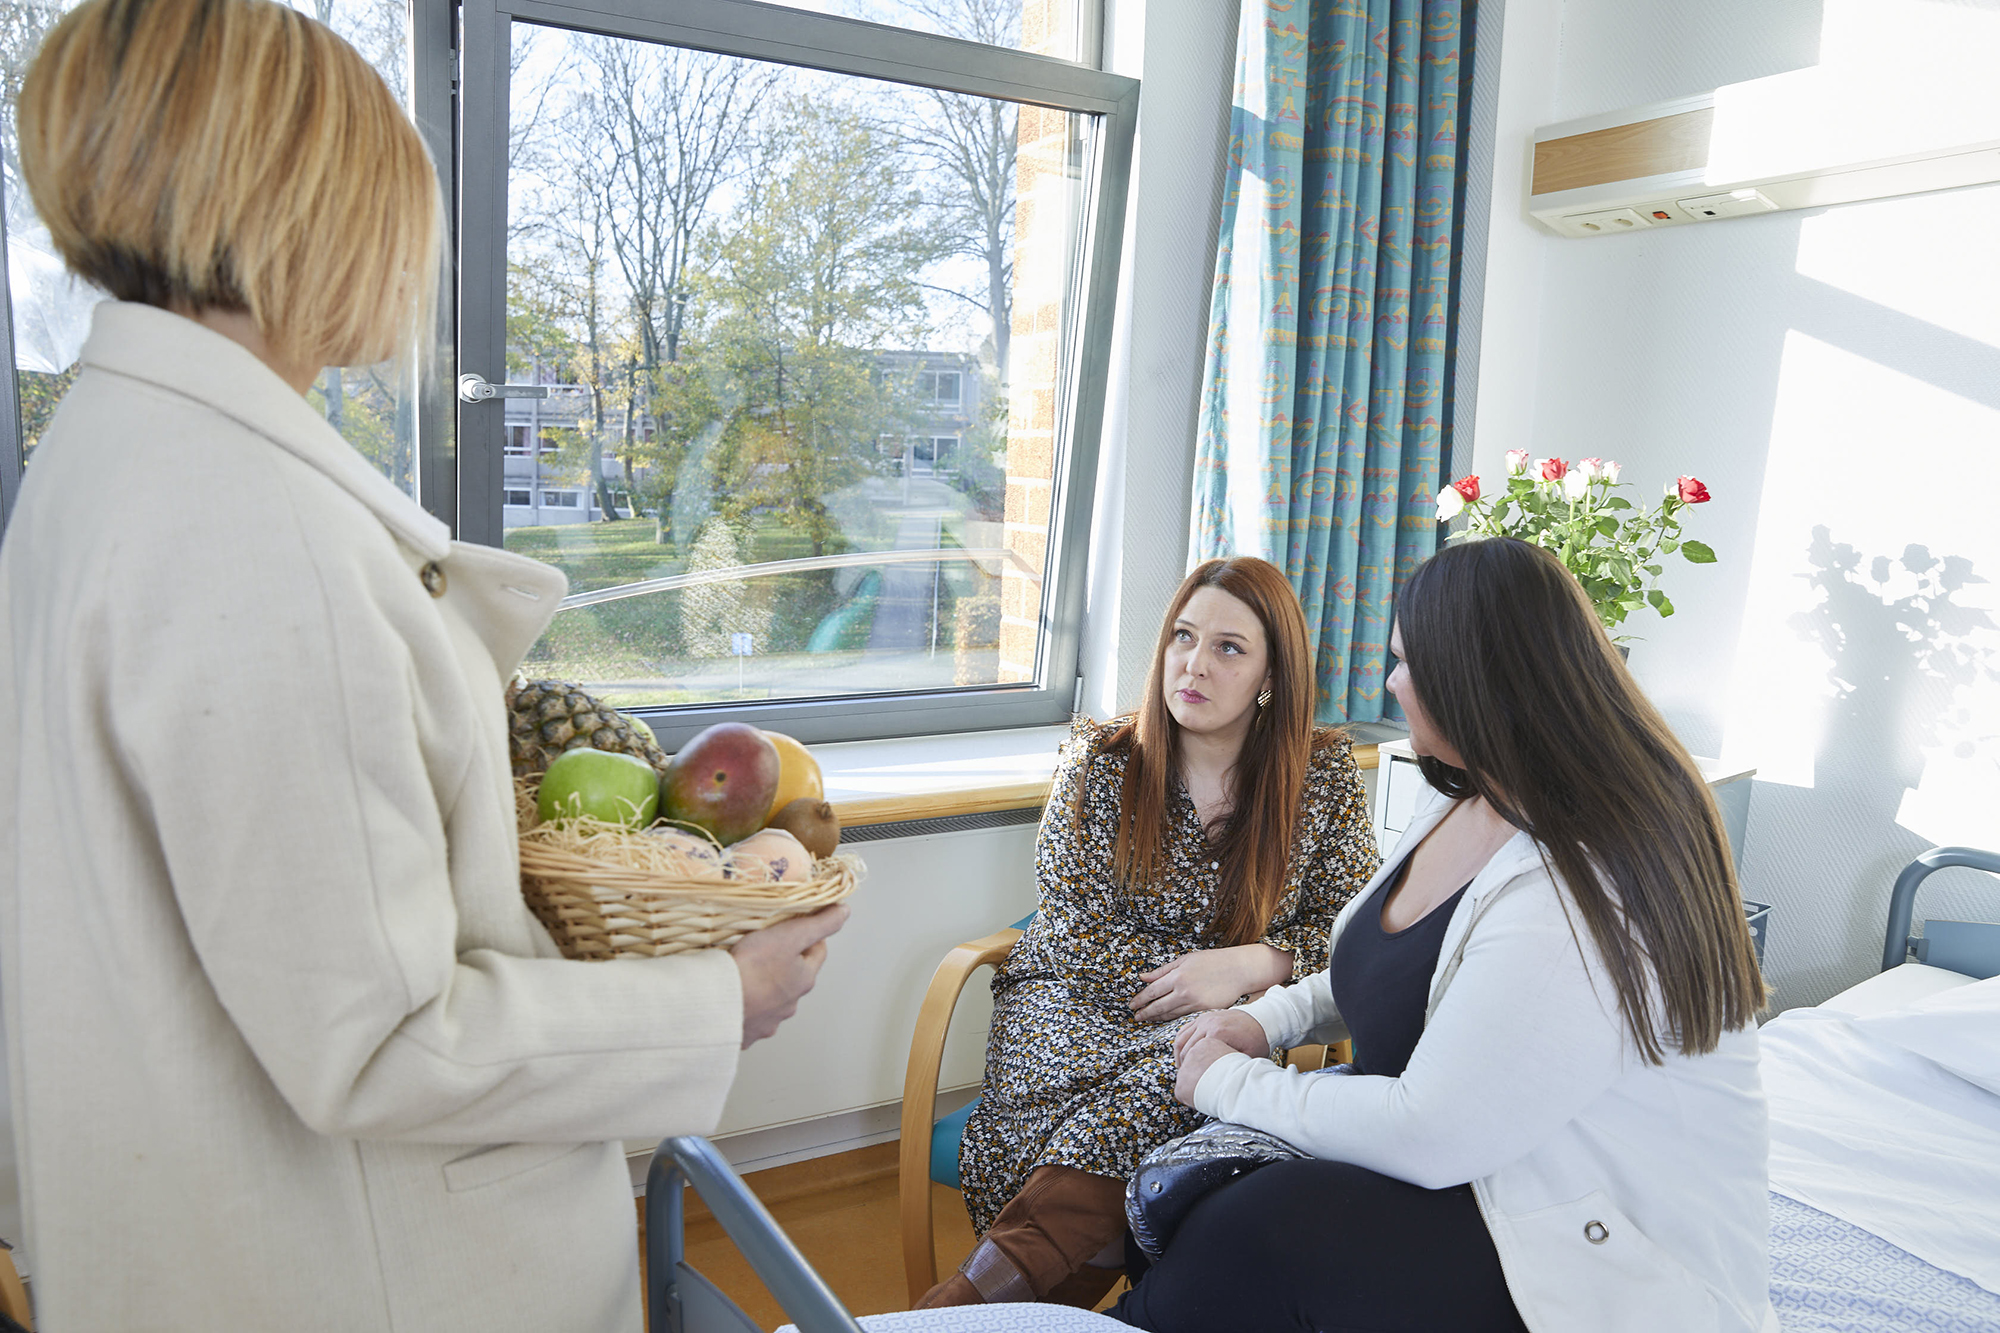 Rendre visite à un patient - CNDA Hôpital Liège